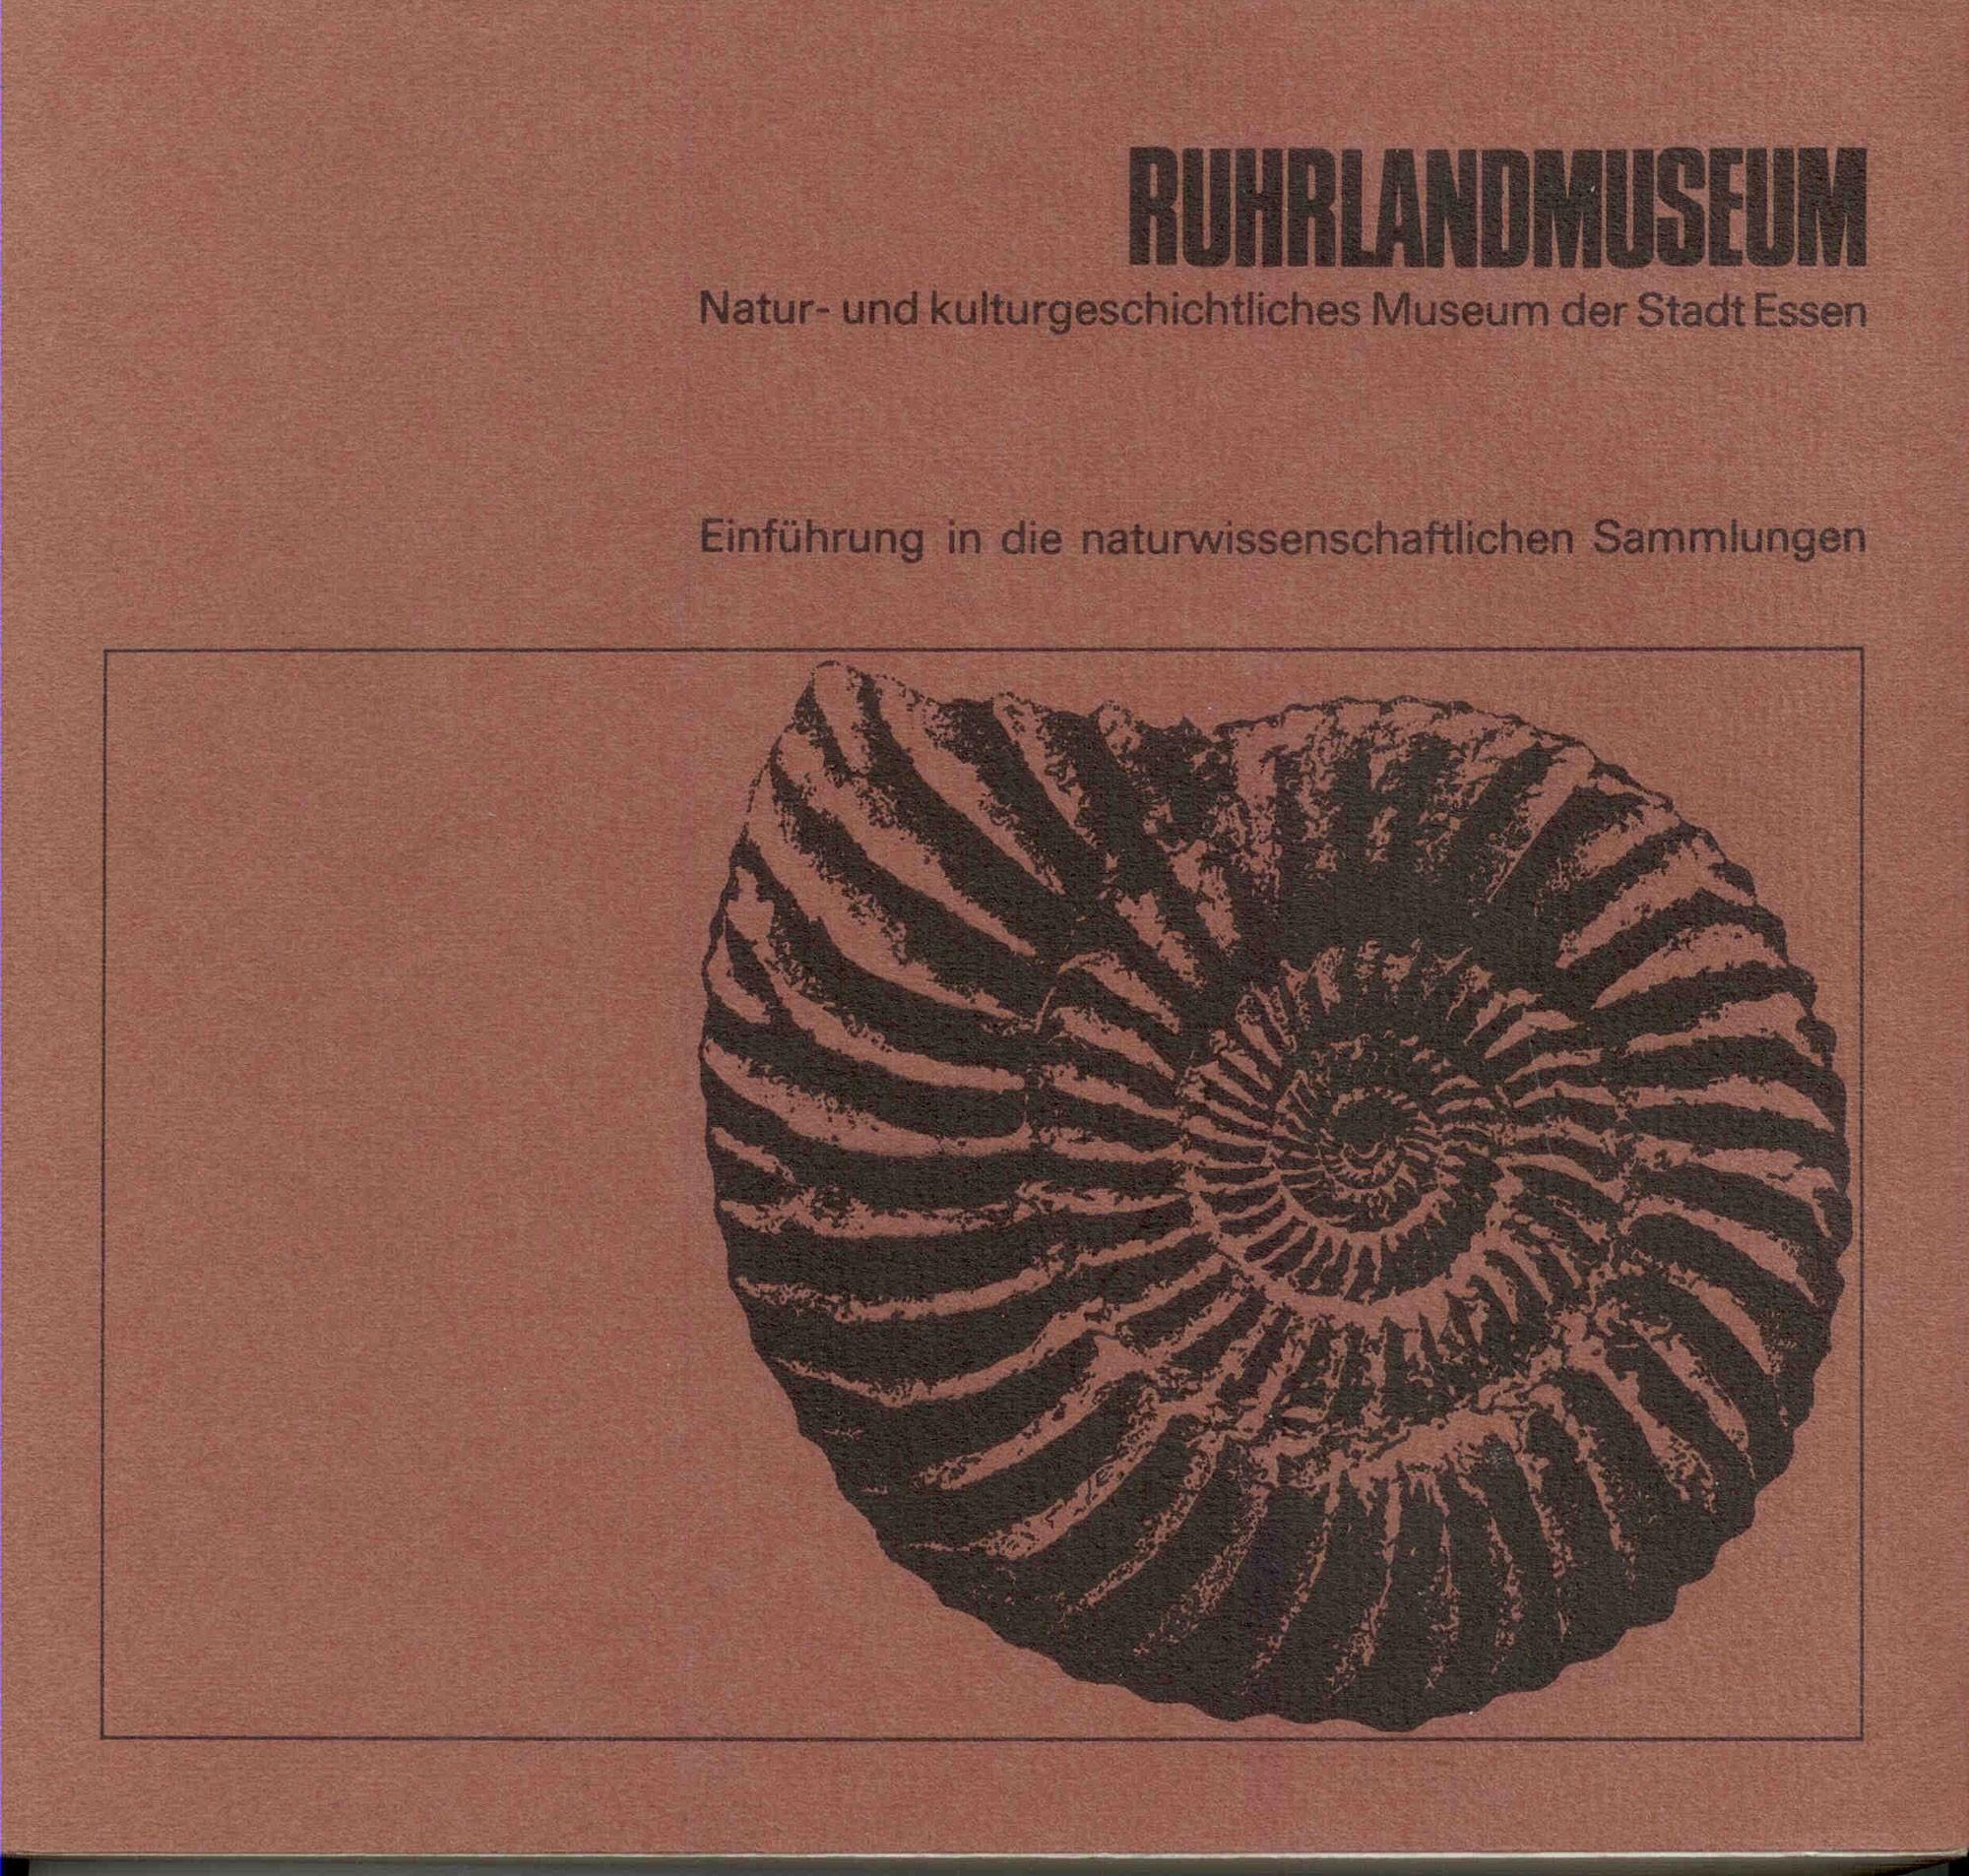 Ruhrlandmuseum: Ruhrlandmuseum Natur- und kulturgeschichtliches Museum der Stadt Essen